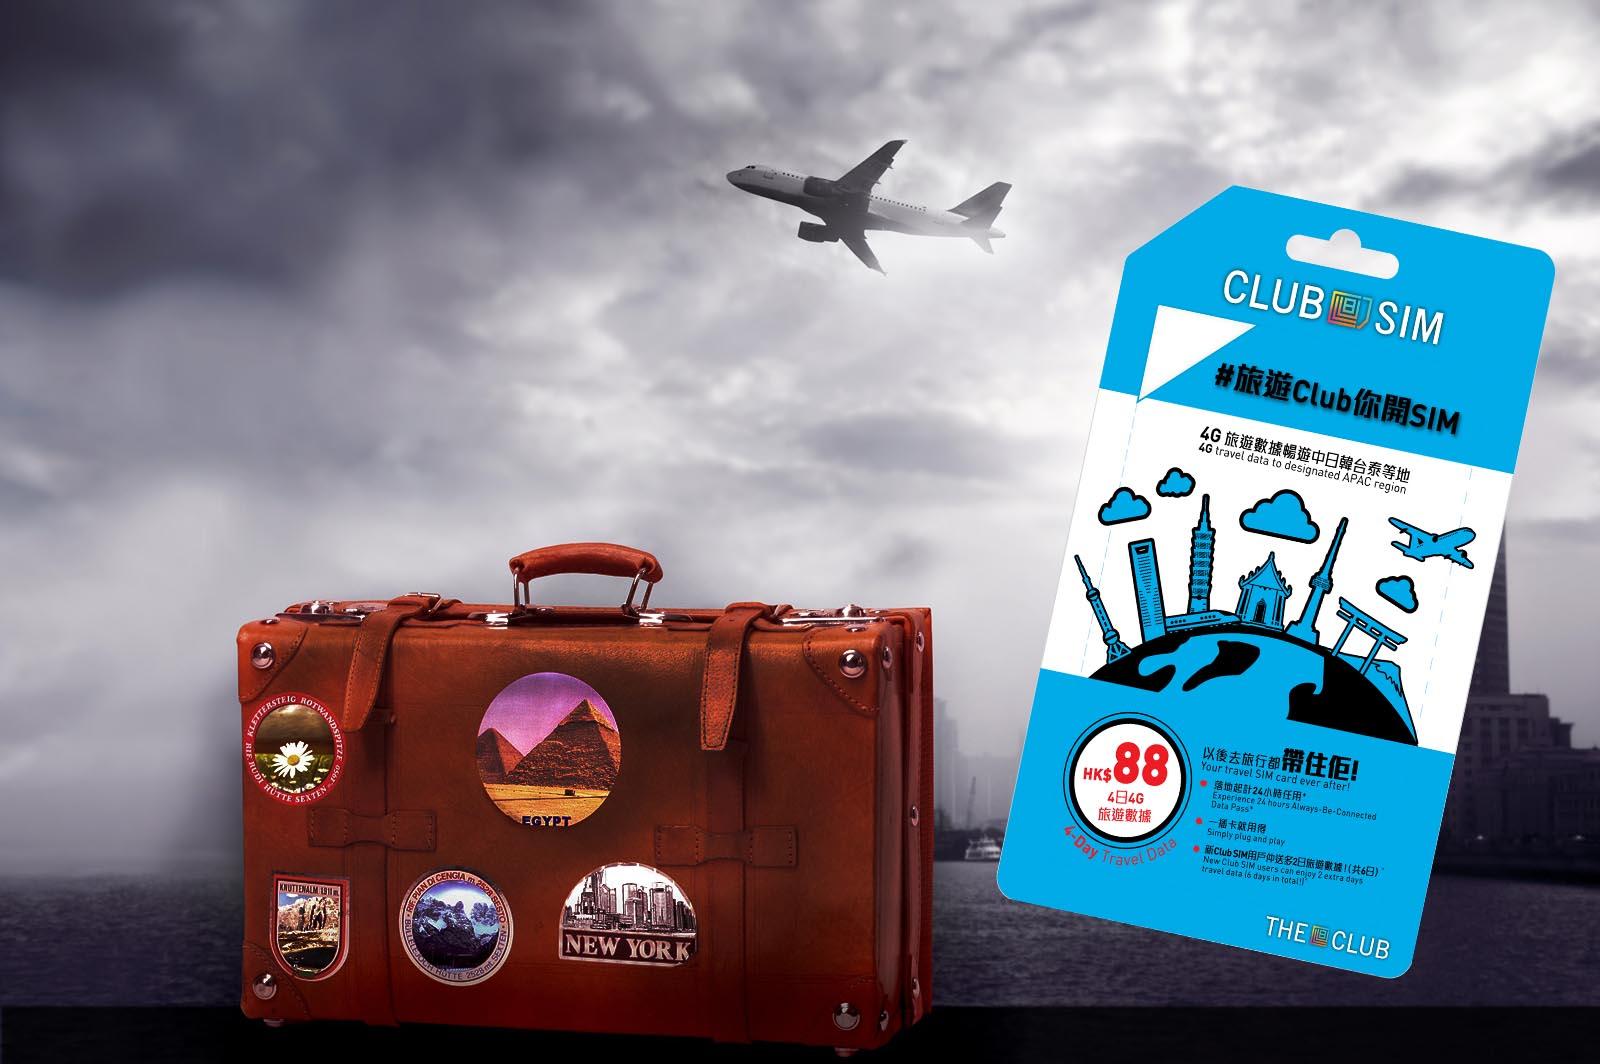 真 24 小時任用「 旅遊 Club SIM 」中日韓台泰澳紐 HK$88 / 4 日 4G 漫遊無限上網